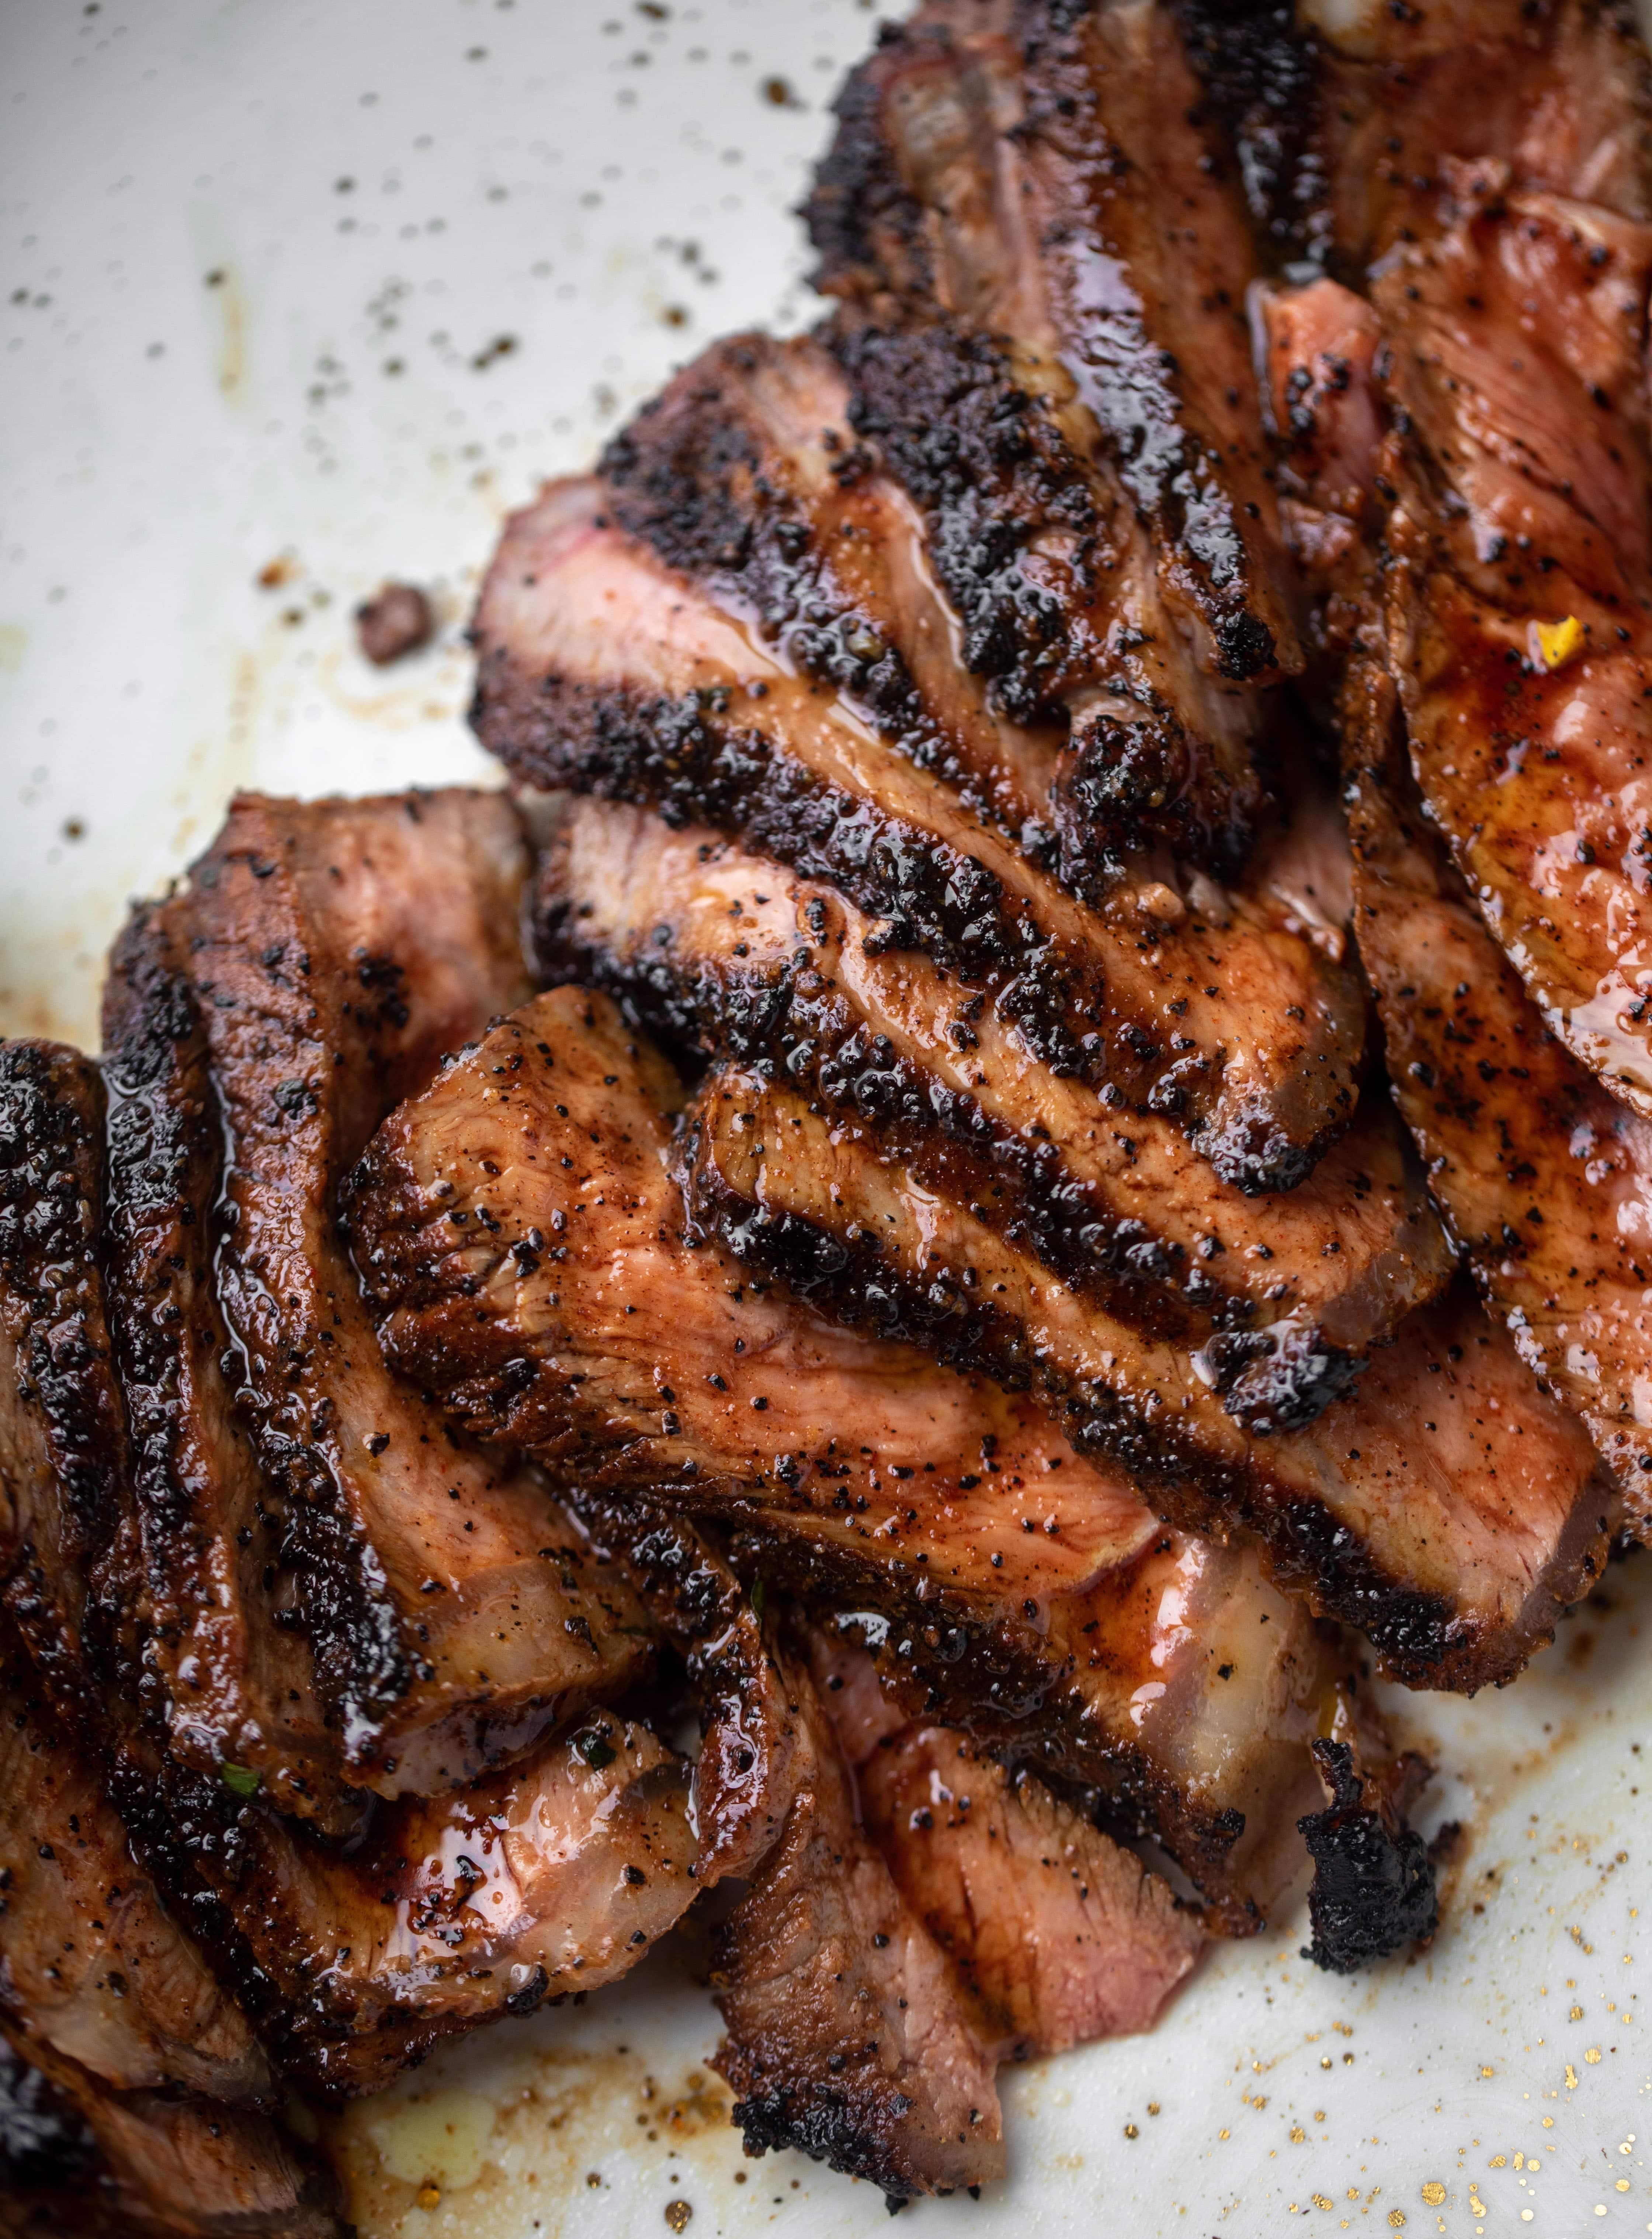 sliced coffee crusted steak